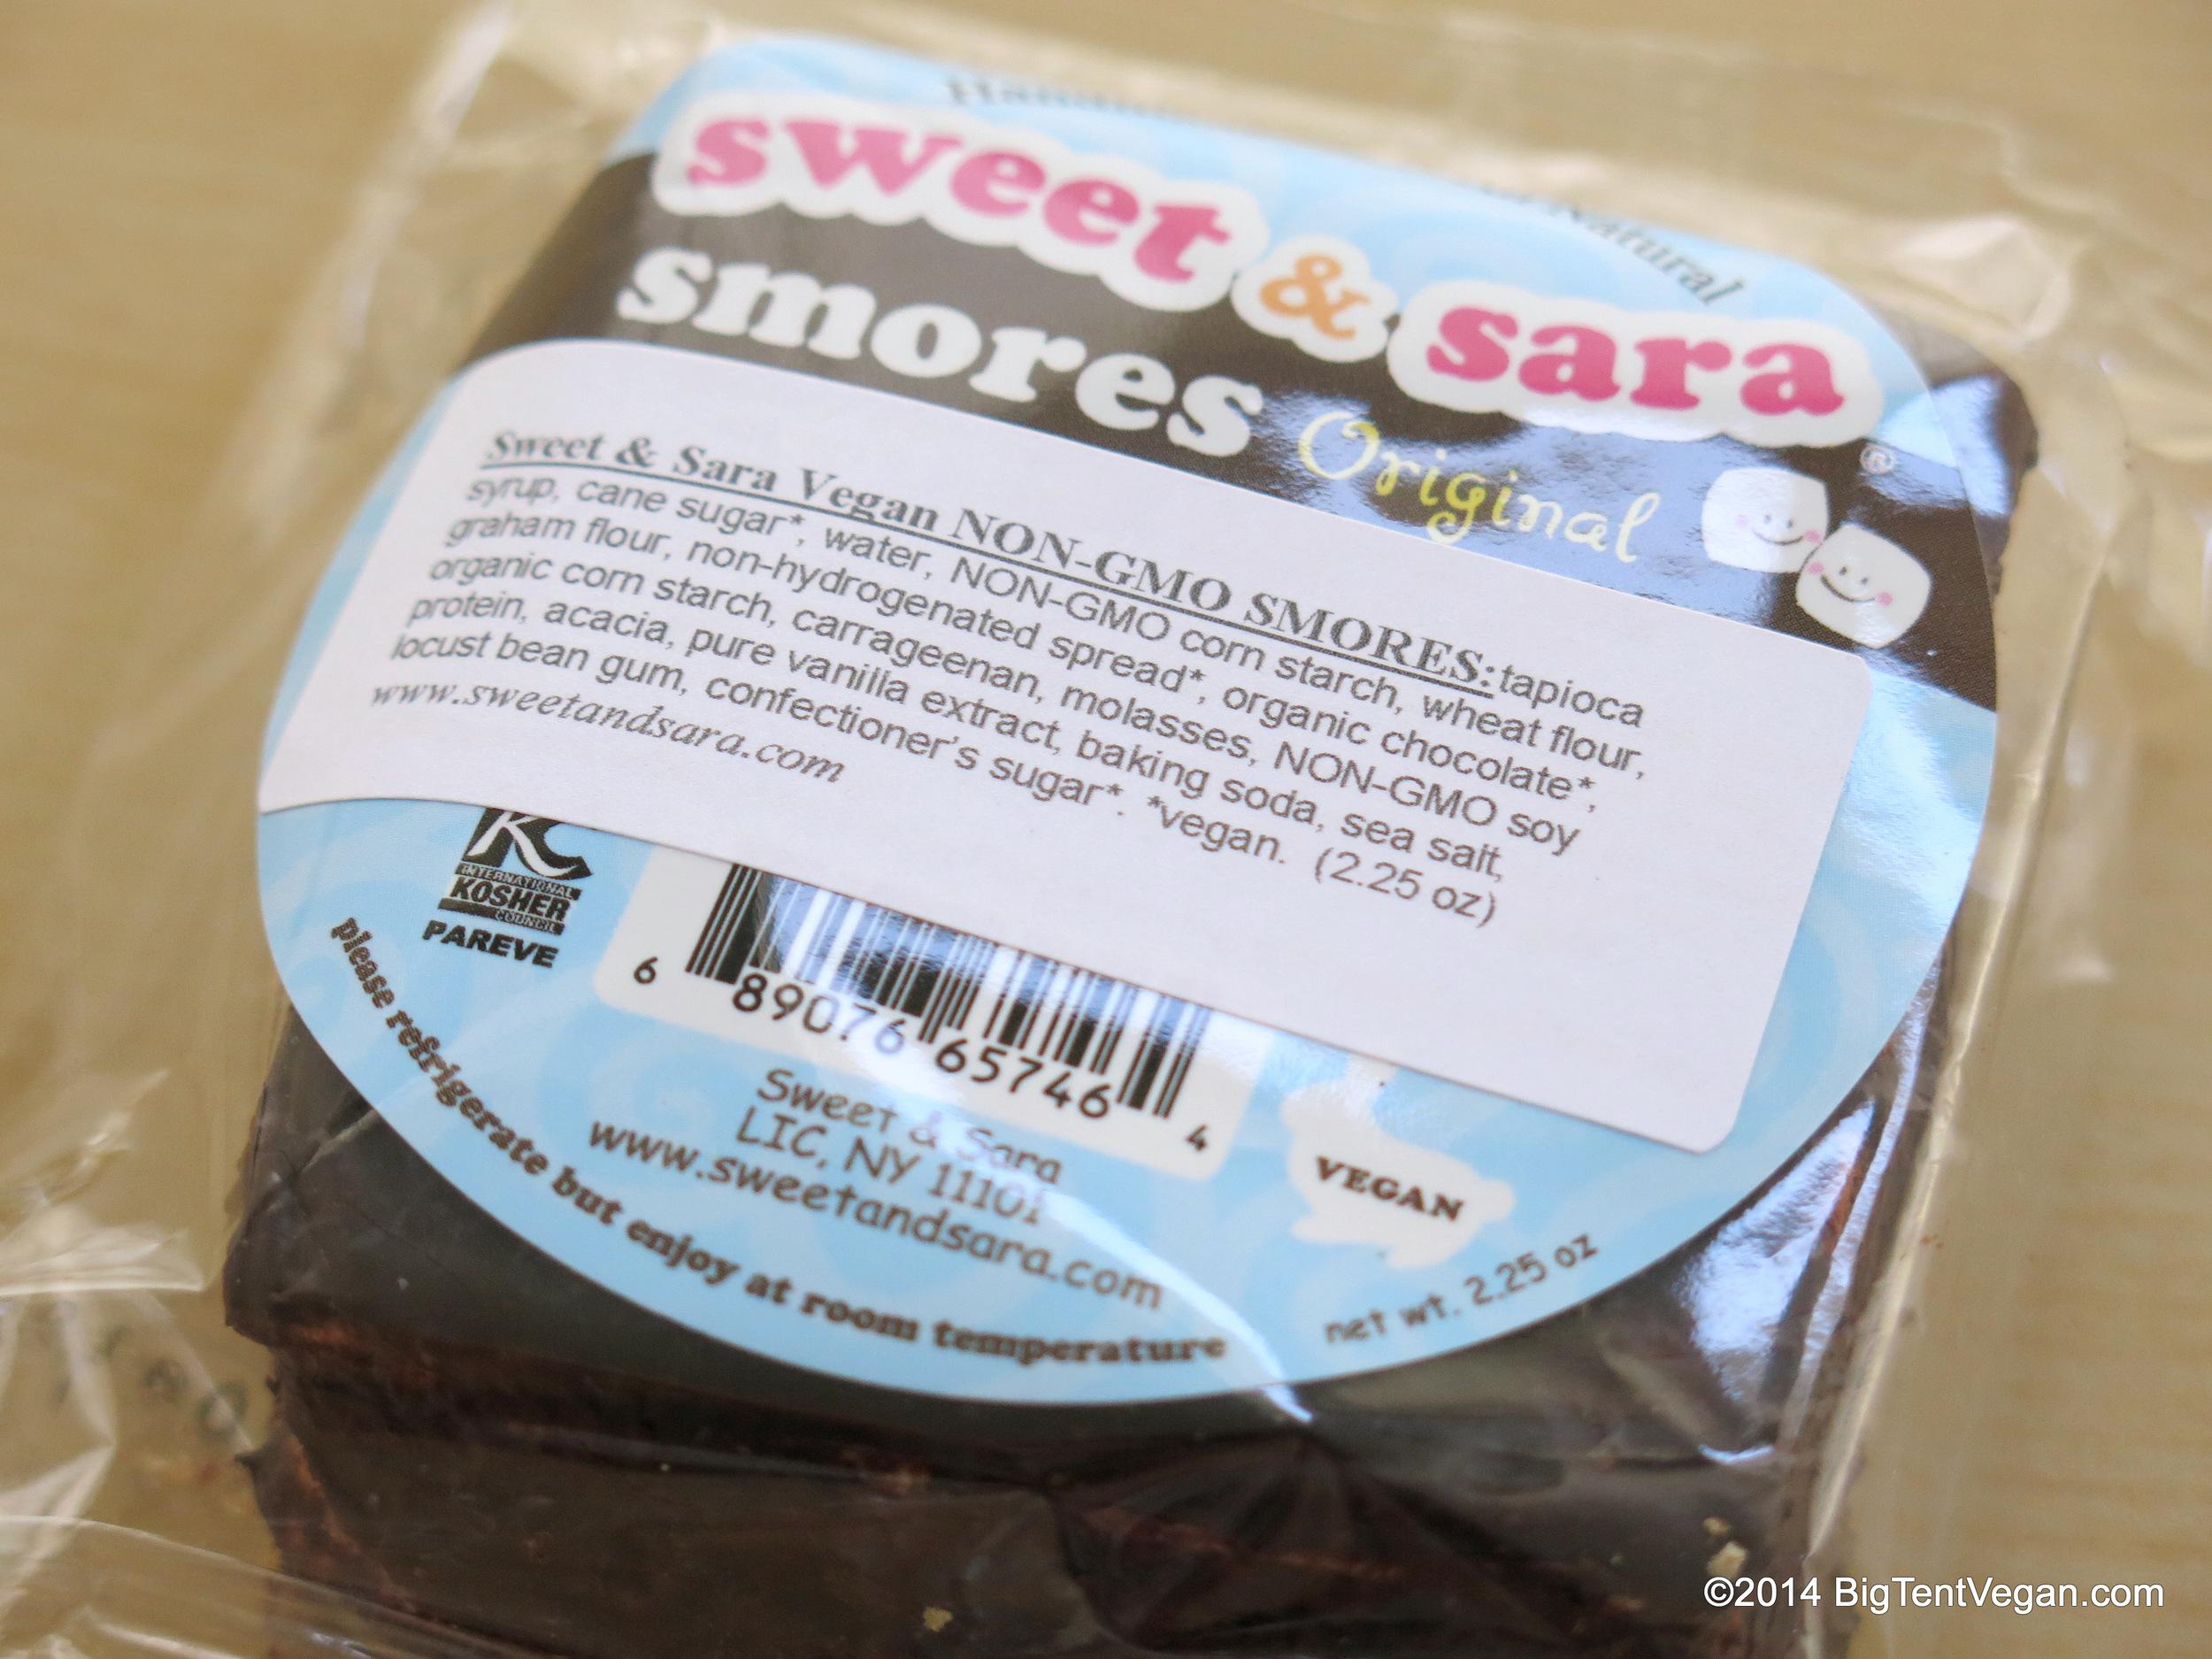 Vegan Original S'mores by Sweet and Sara (100% vegan company)